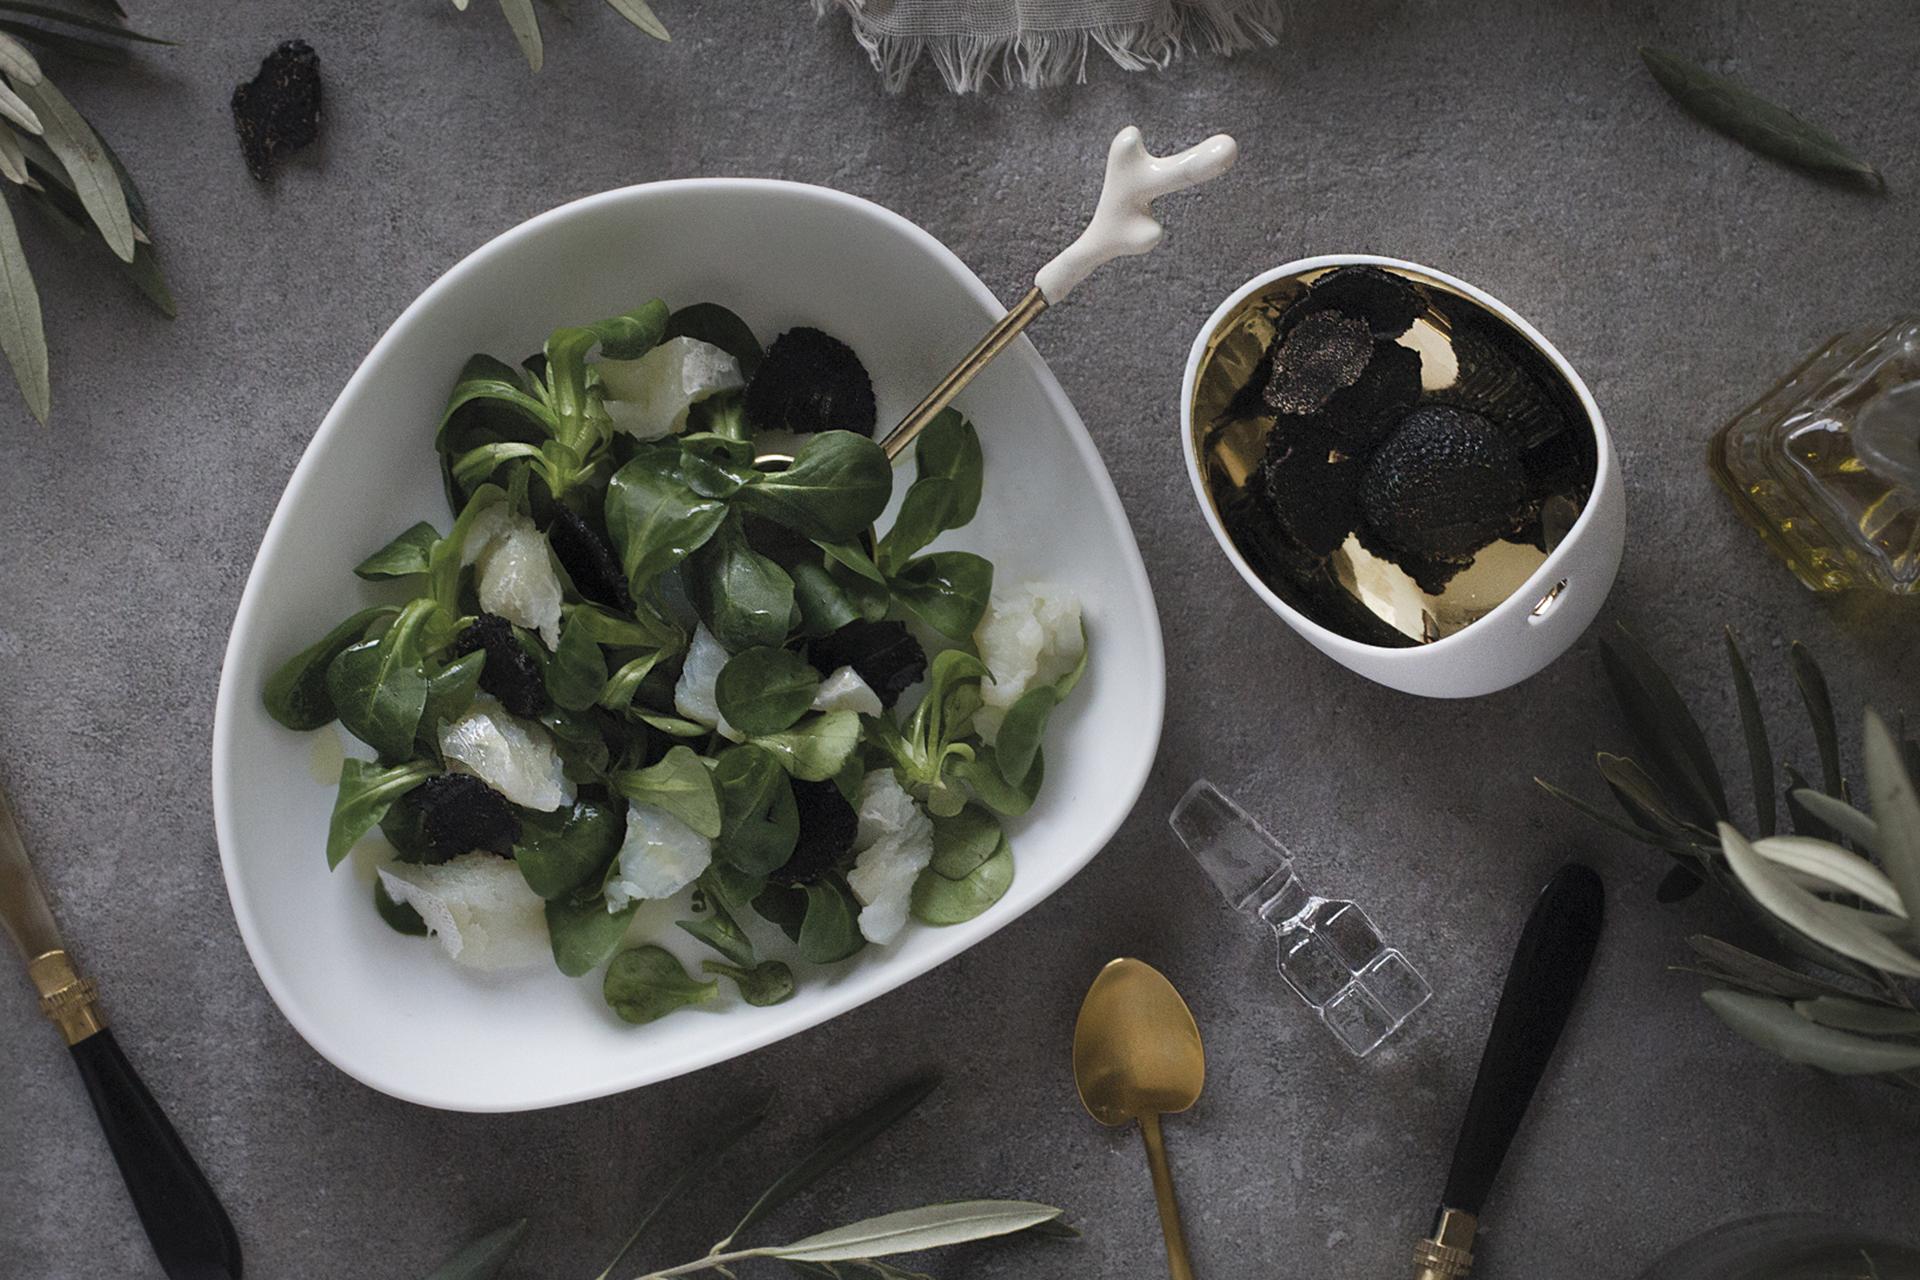 Image recetas-ensalada-bacalo-trufa-cocinas-santos-santiago-interiores-02